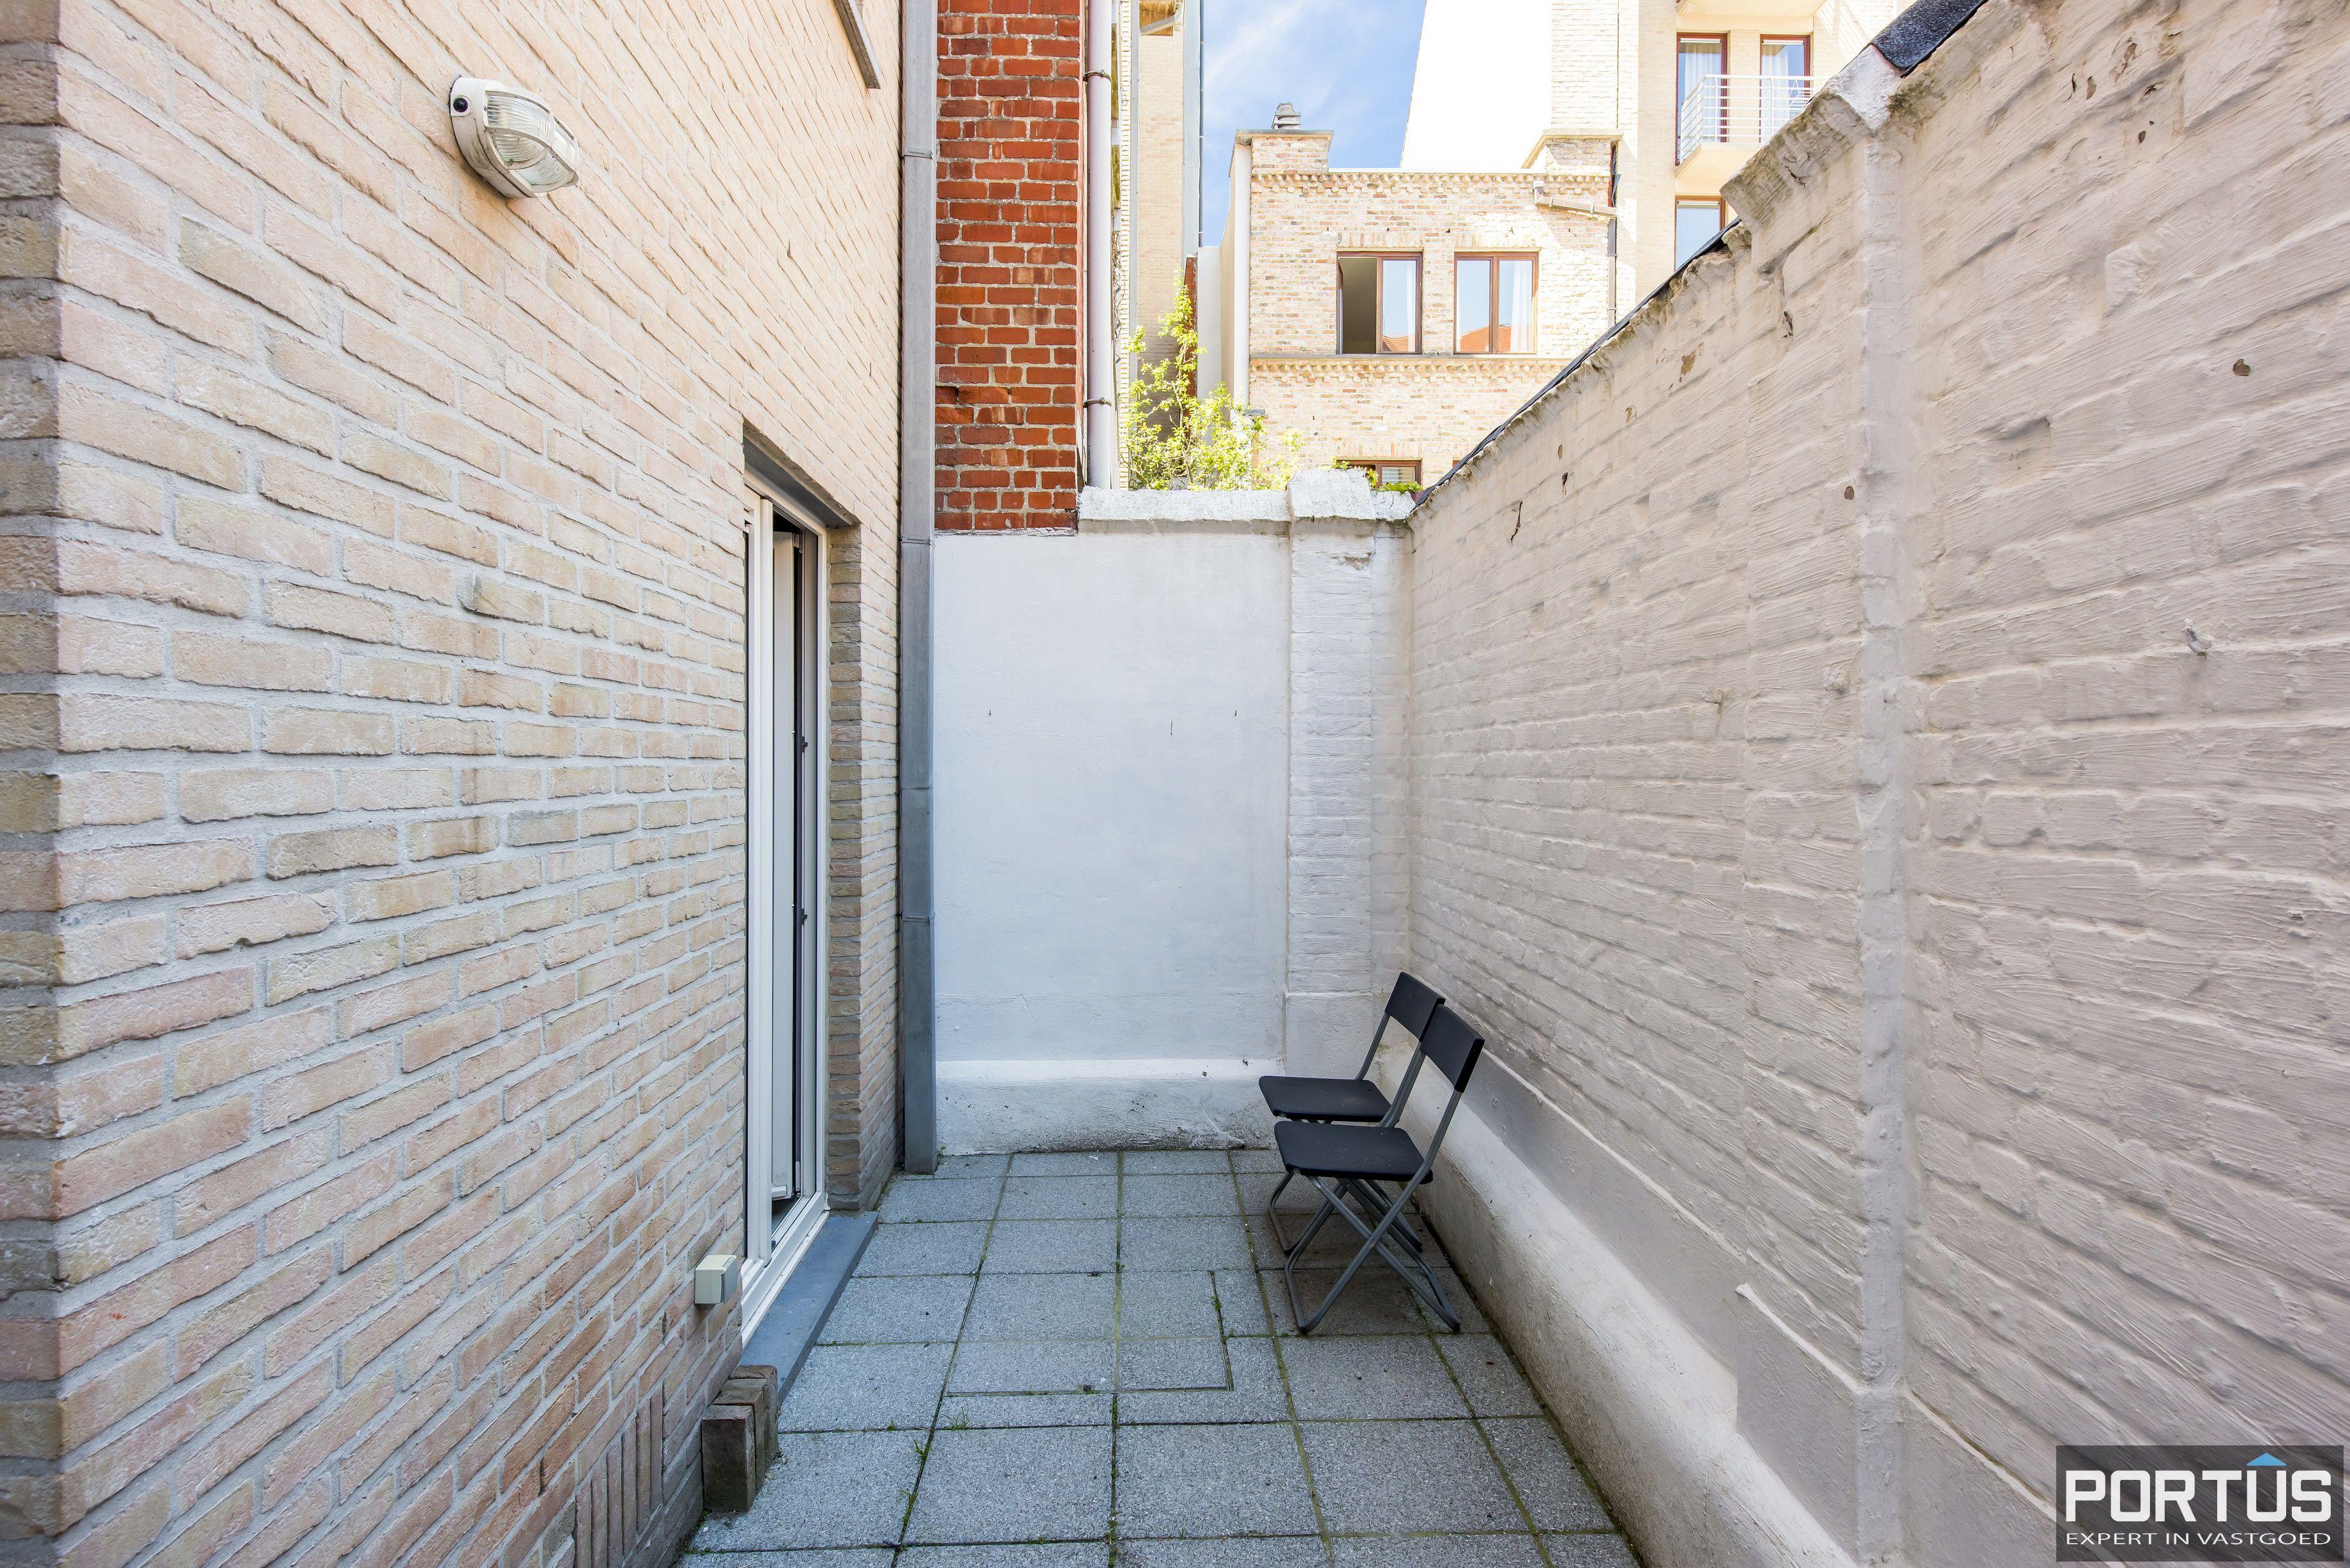 Instapklaar gelijkvloers appartement met 2 slaapkamers te huur te Nieuwpoort  - 11741